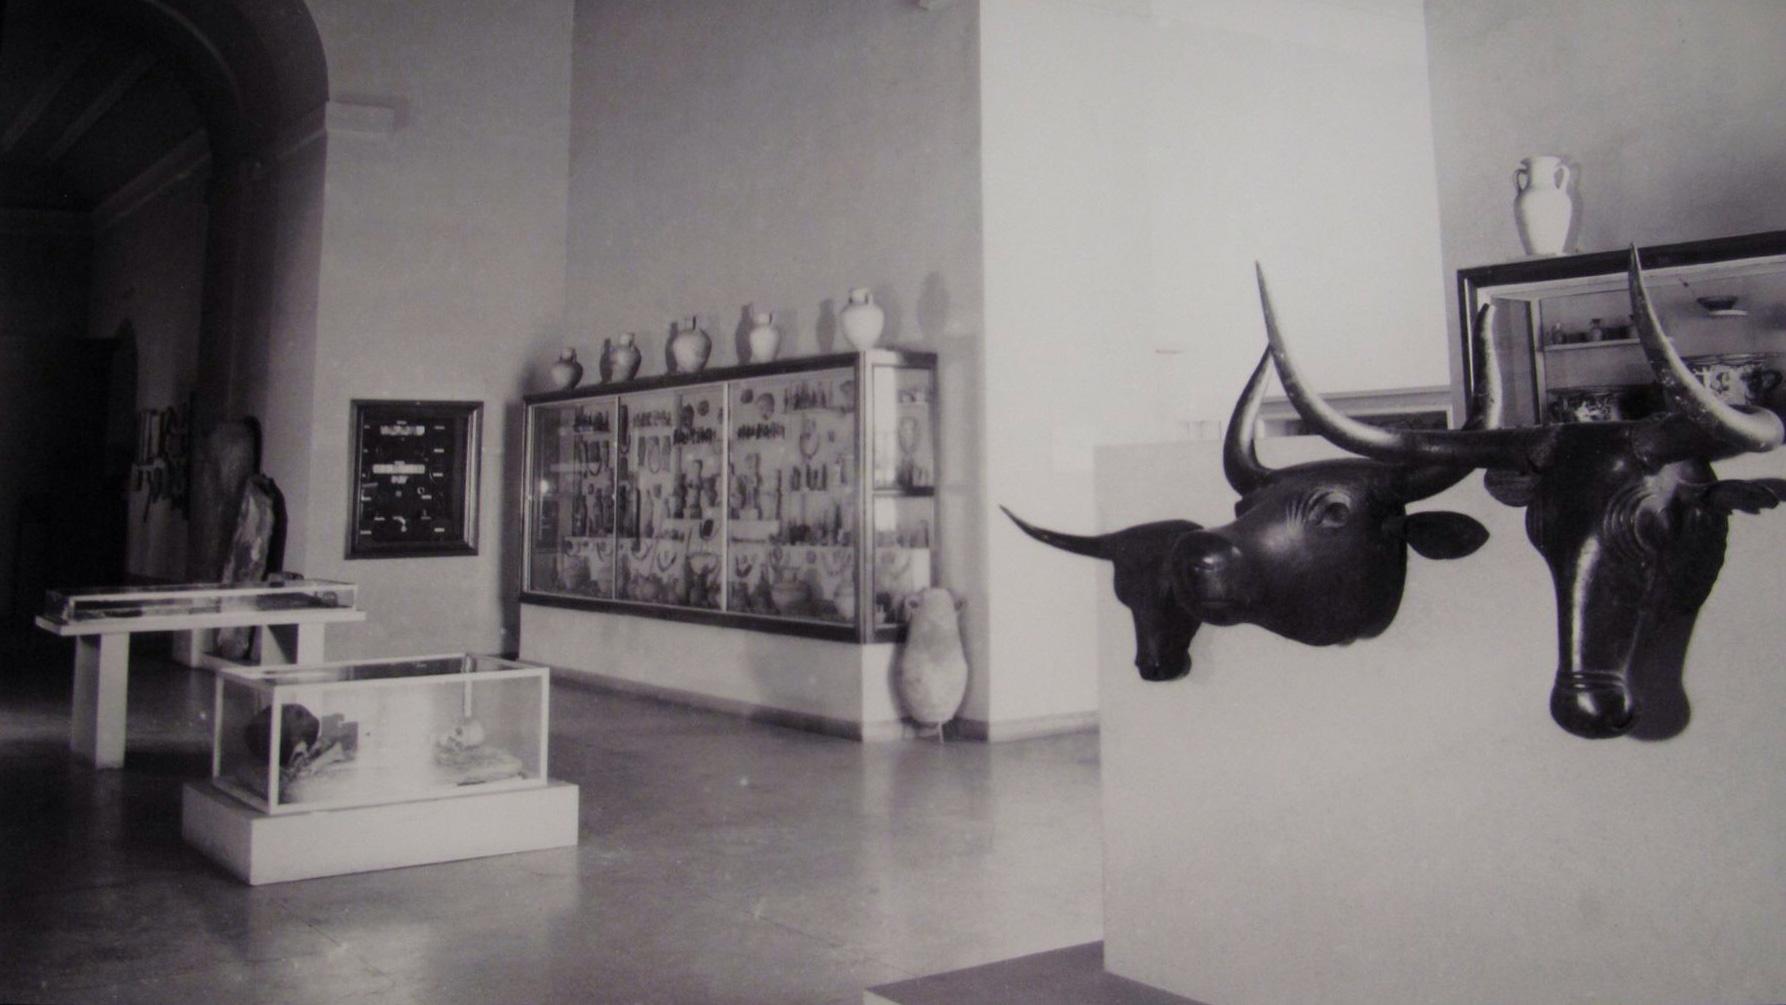 museo arqueologico nacional_man_exposicion años 70